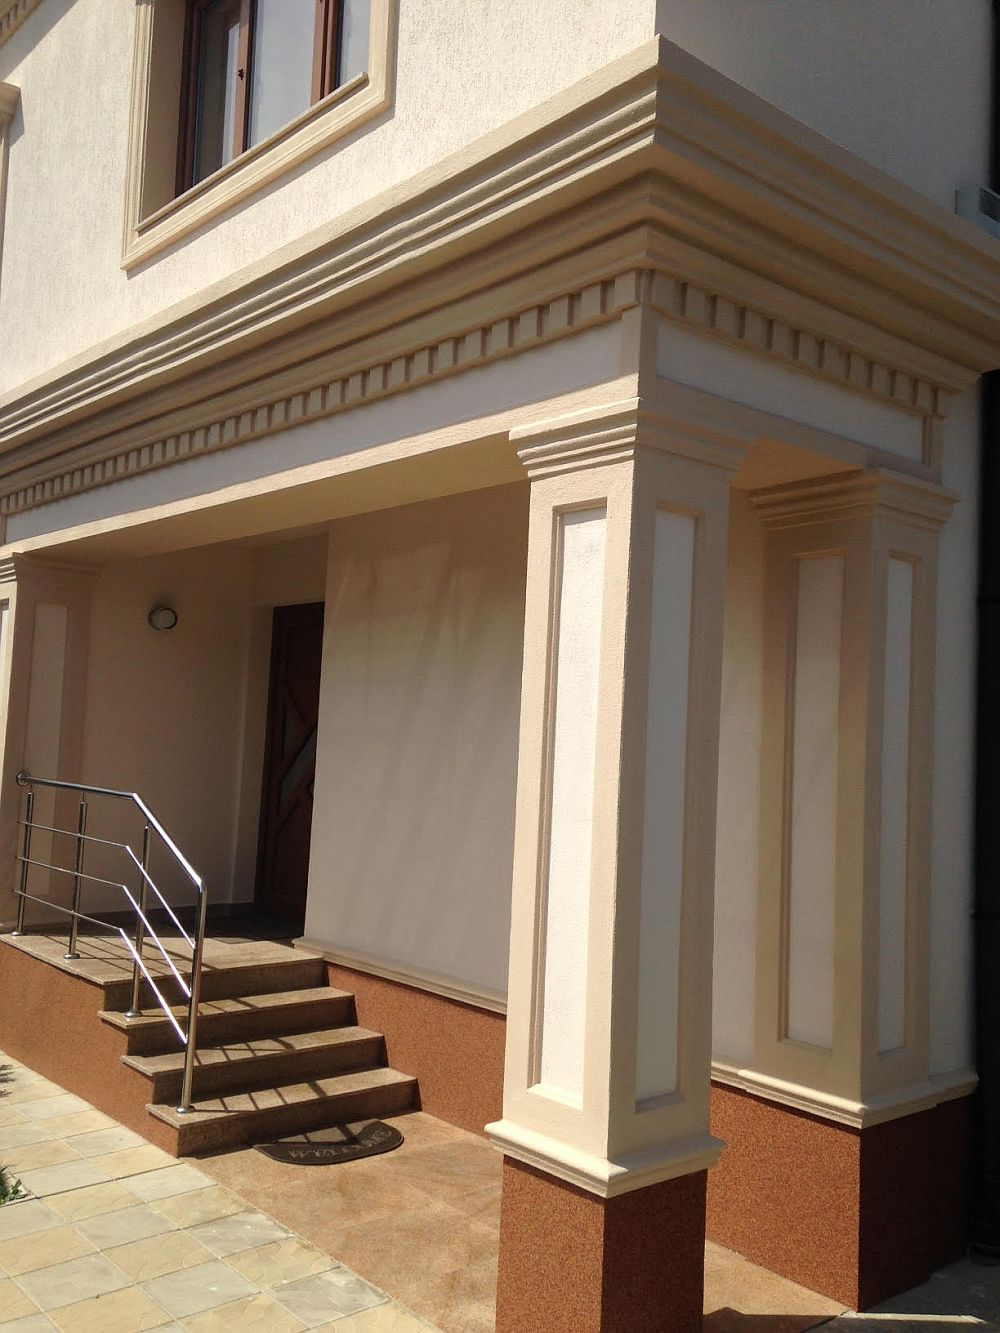 adelaparvu.com despre fatade exterioare redecorate cu profile decorative, lucrare CoArtCo (12)